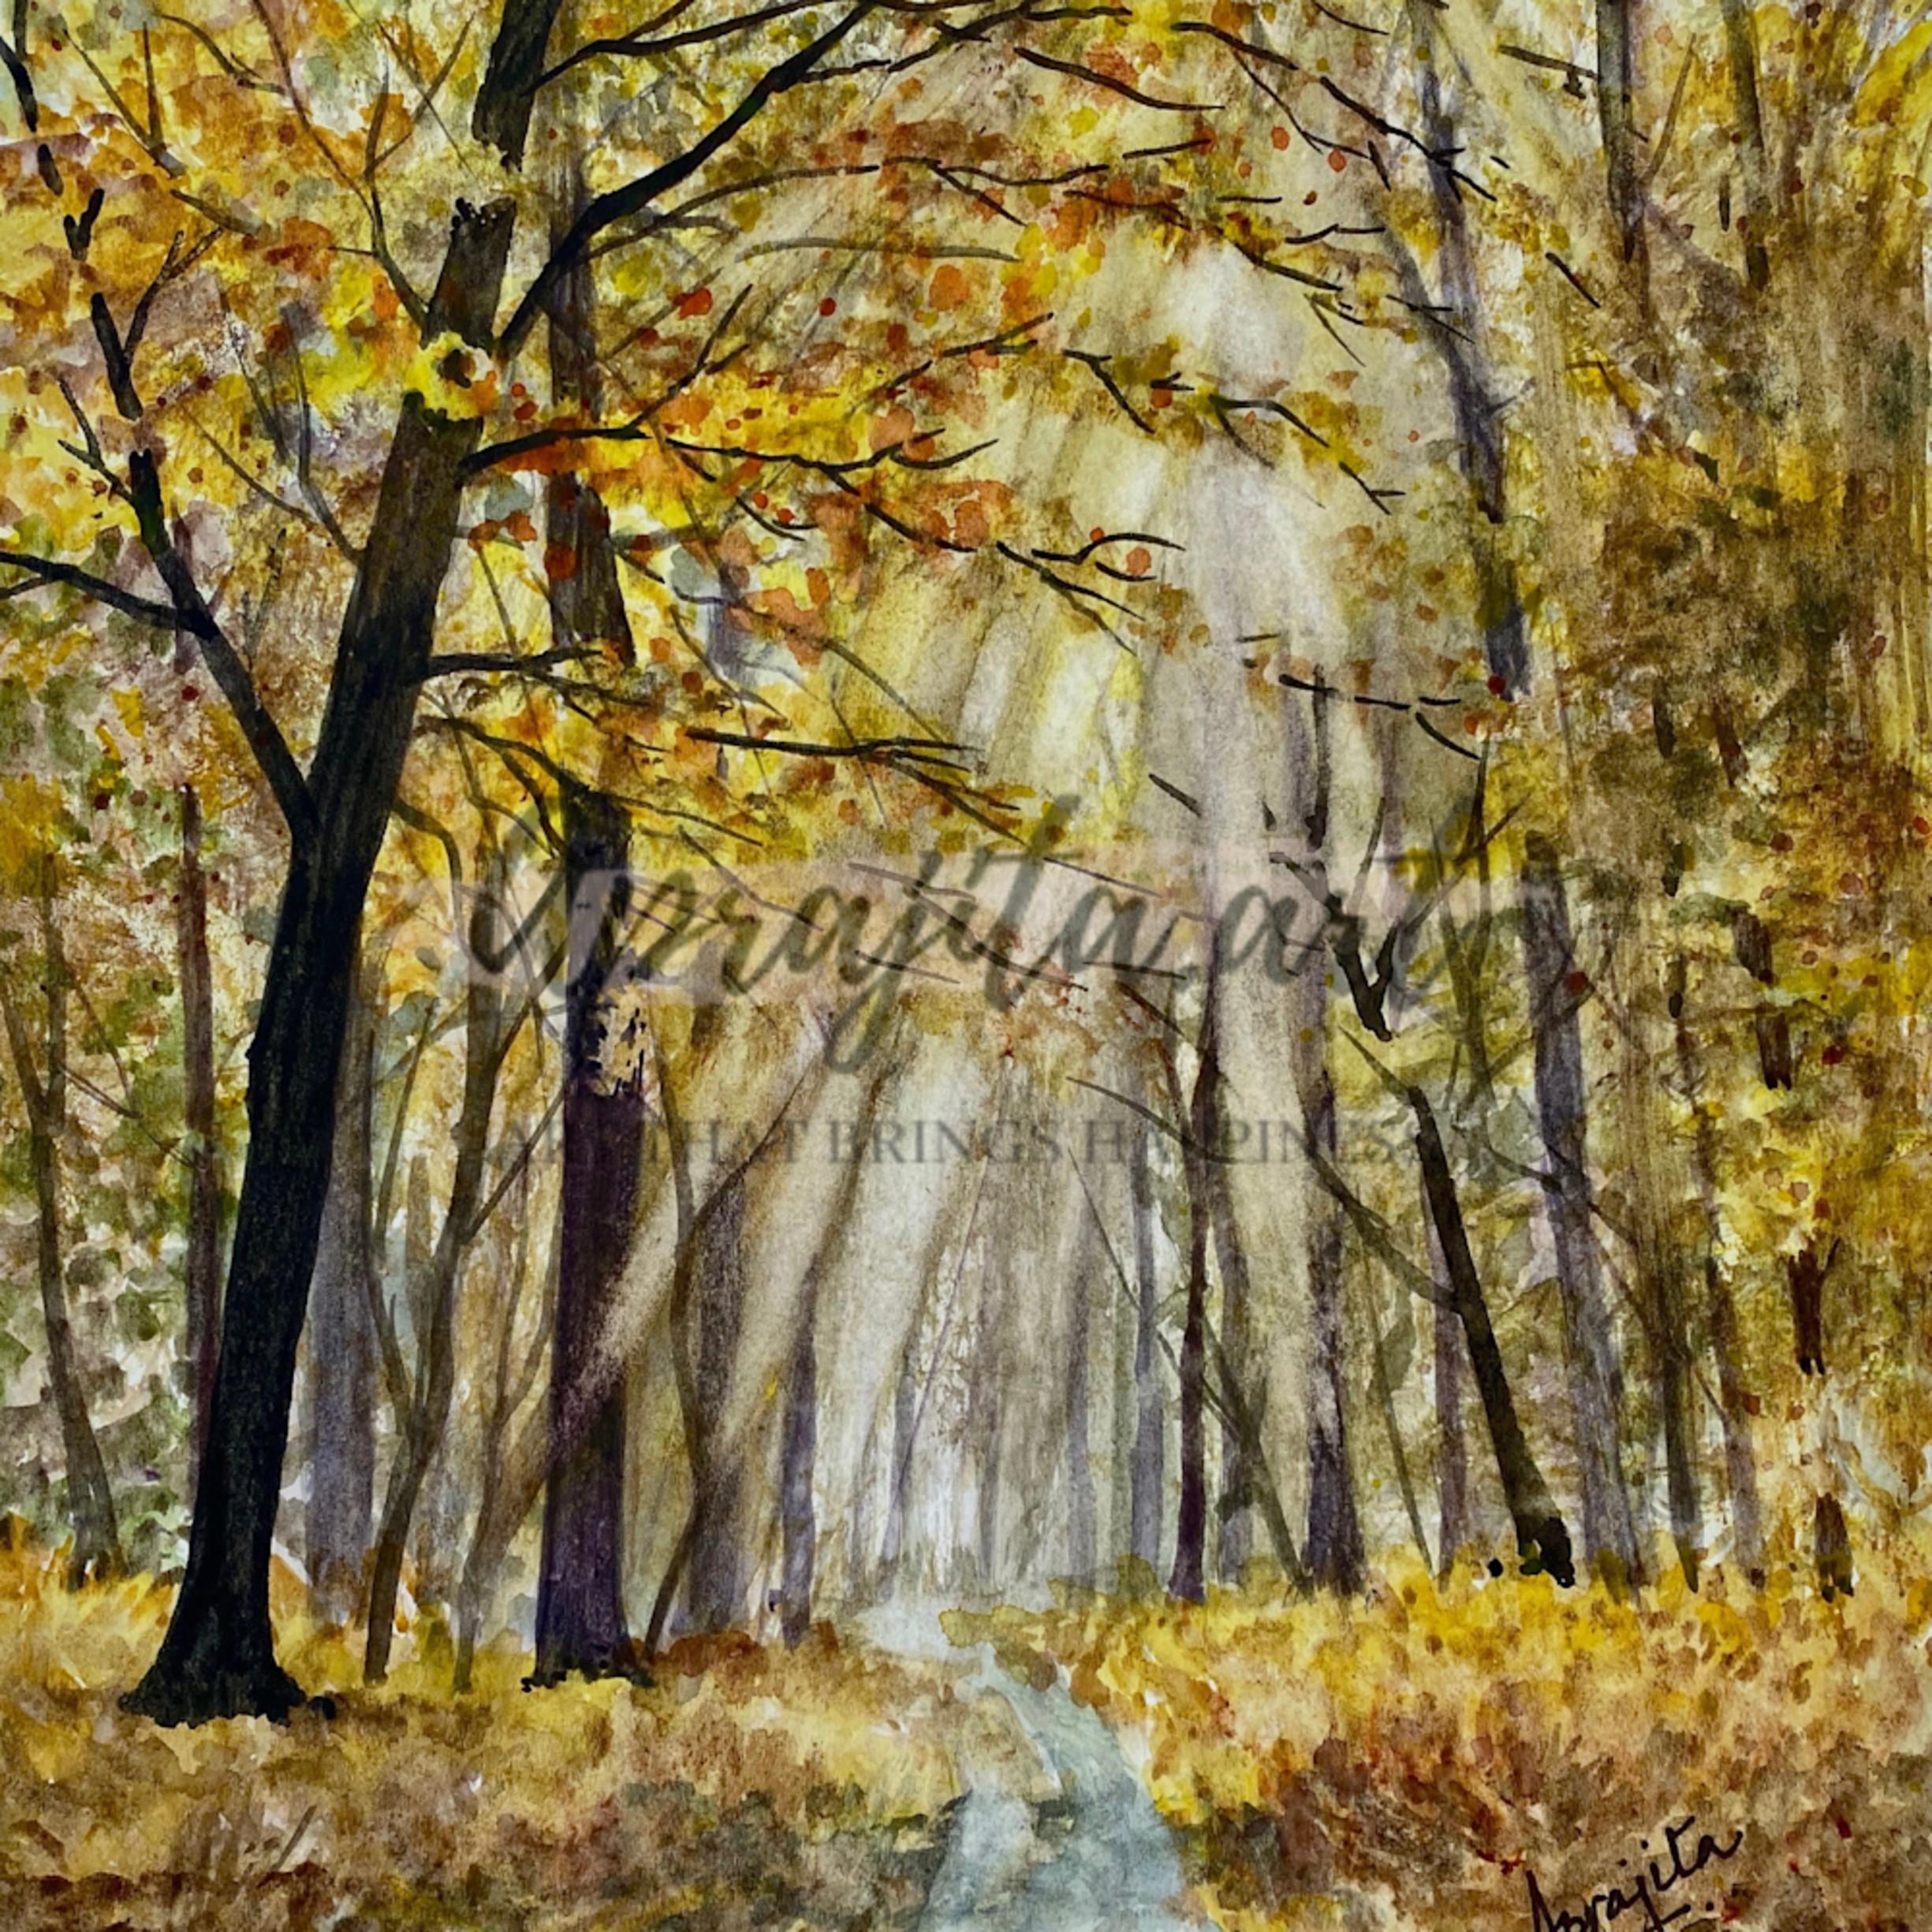 Golden forest eydefj